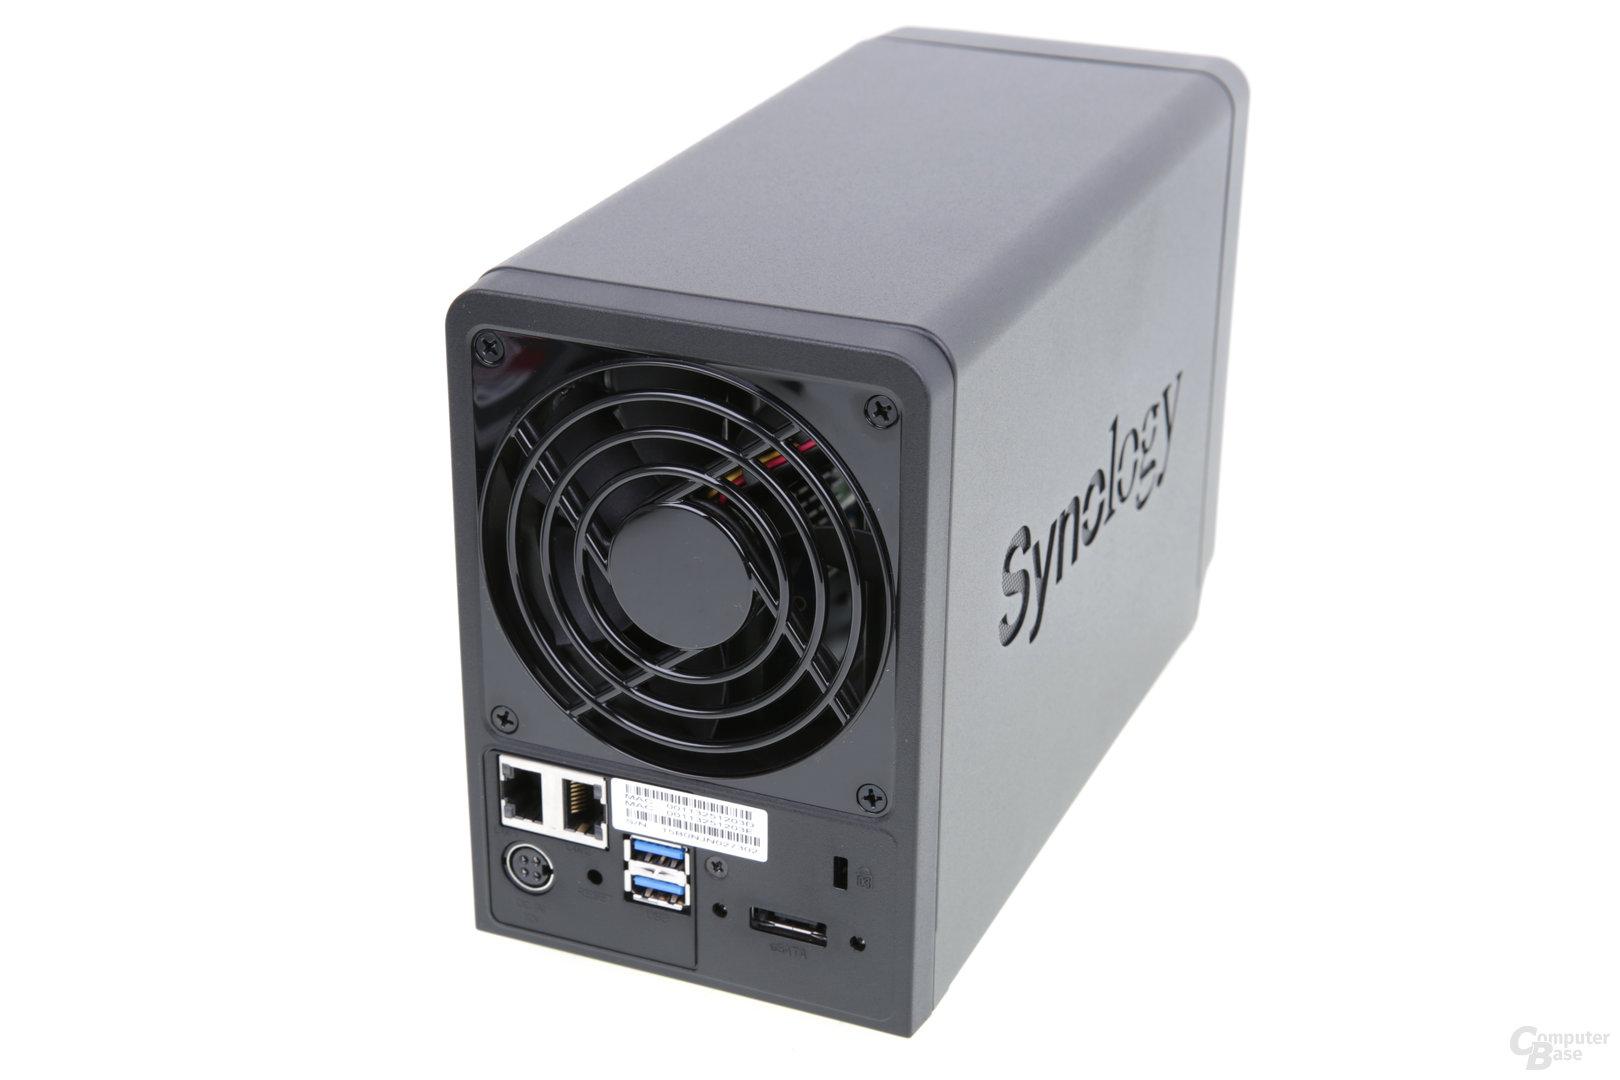 Synology DS716+ – Rückseite mit LAN, eSATA und USB 3.0